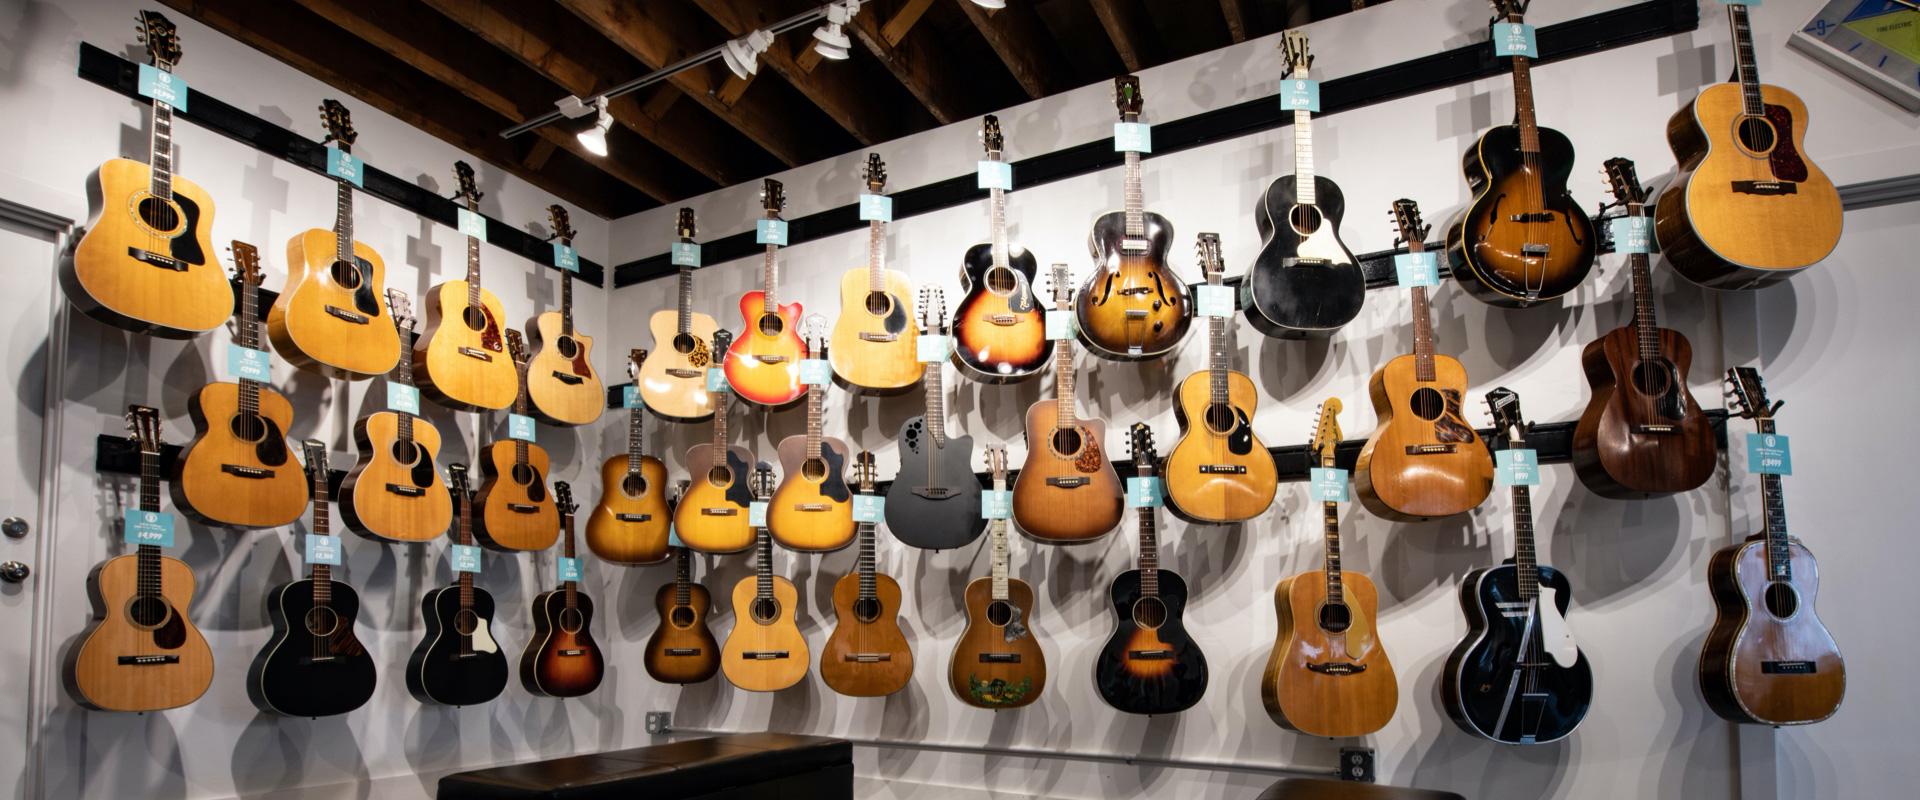 Thunder Road Guitar Wall